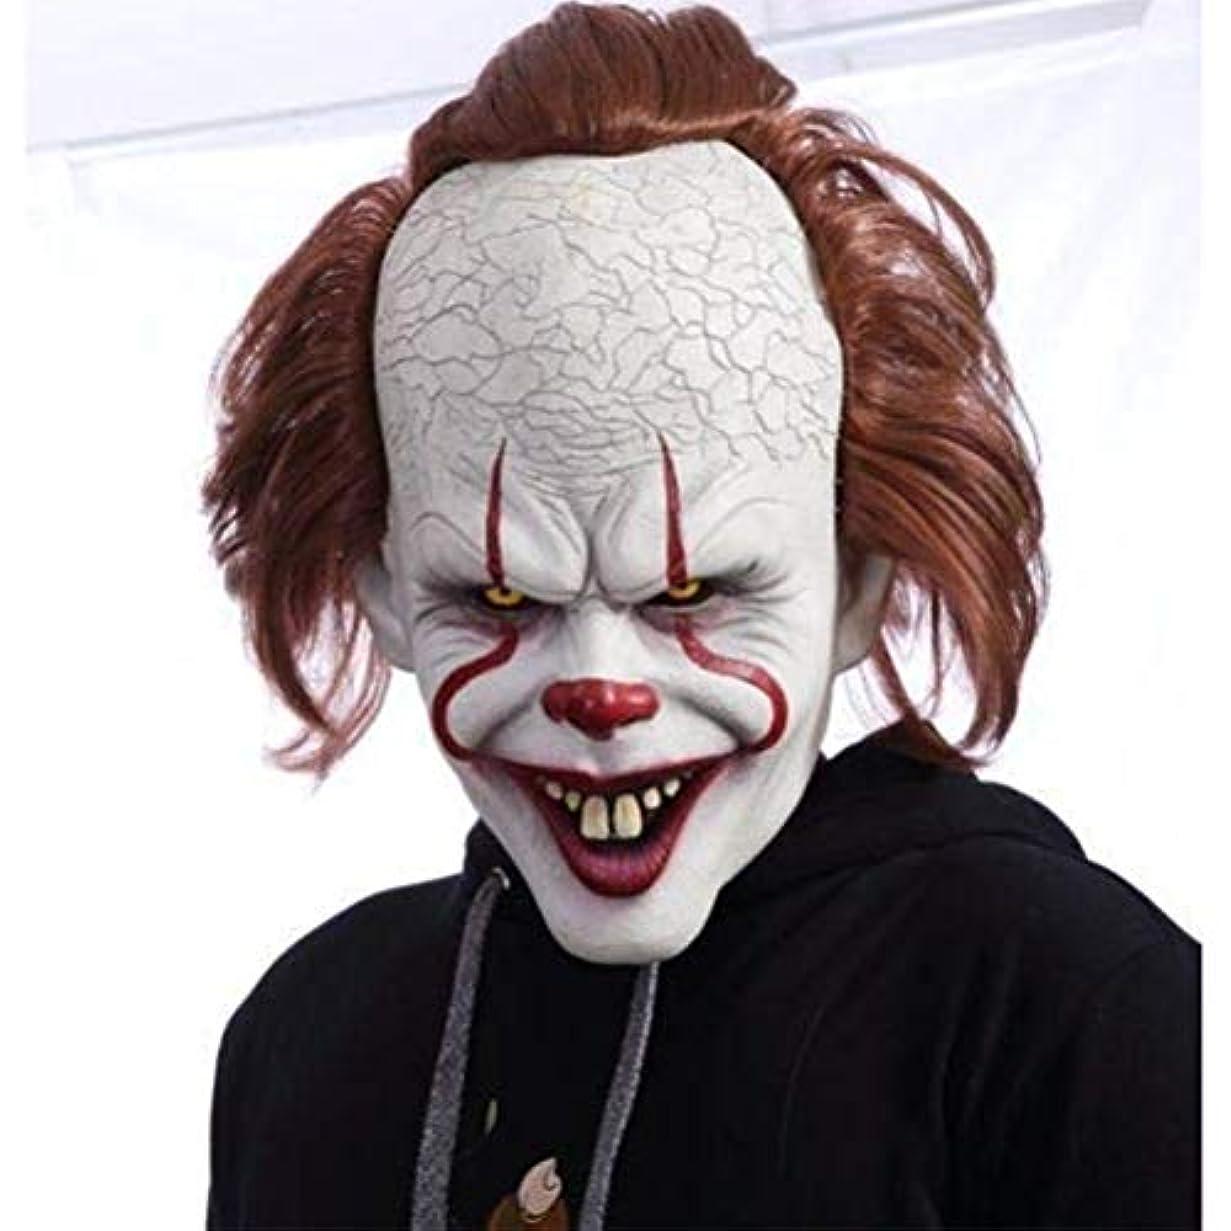 映画庭園六分儀BSTOPSEL ピエロラテックスマスク怖いジョーカーマスクハロウィンホラーマスクコスプレ衣装の小道具